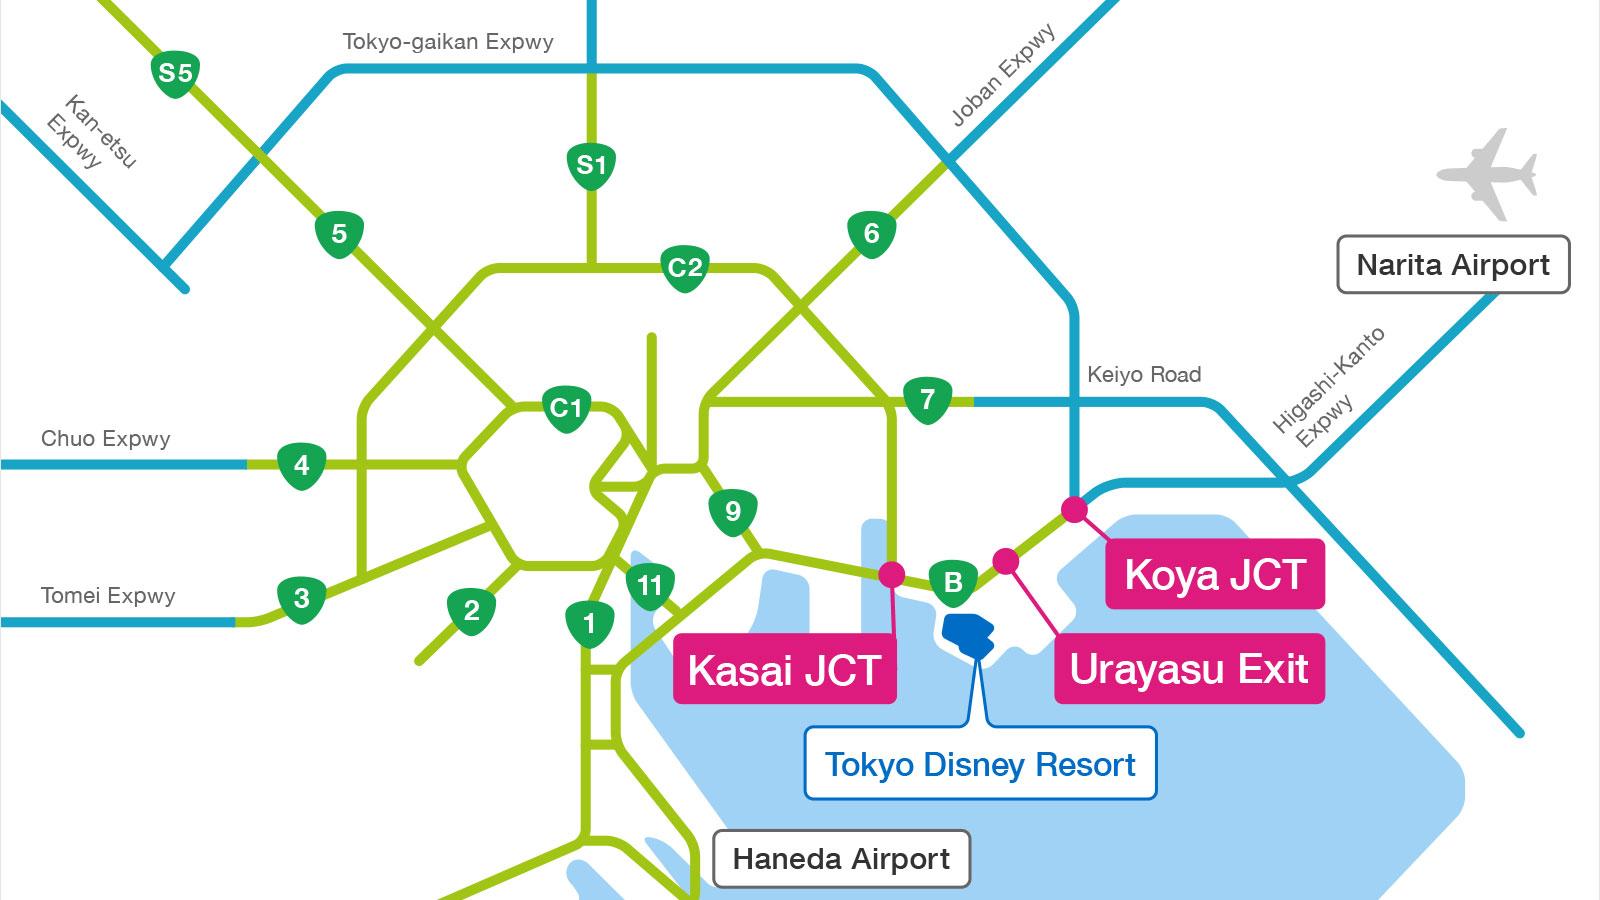 広域道路マップのイメージ